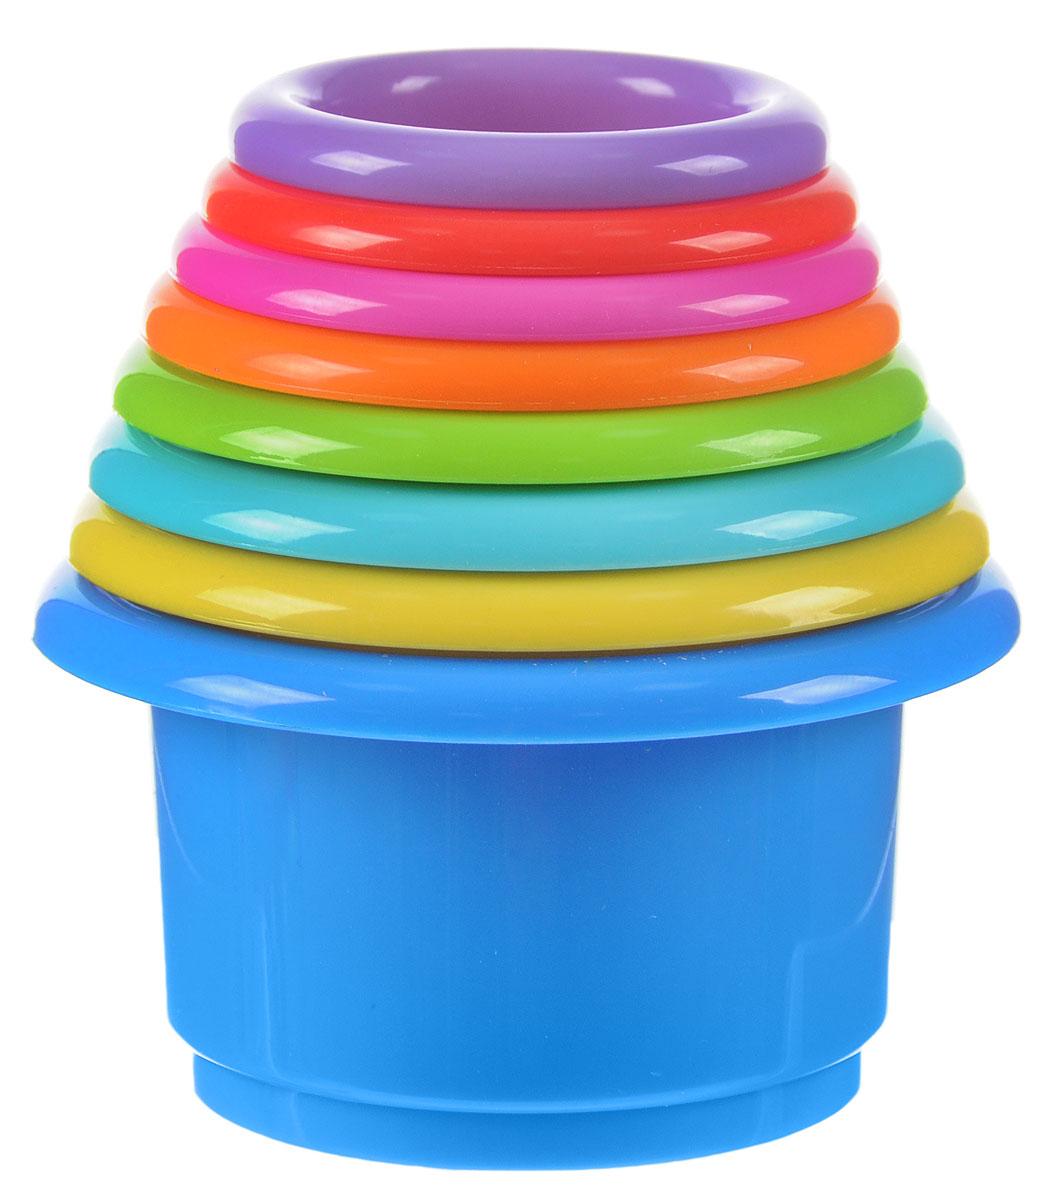 B kids Набор игрушек для песочницы Формочки 8 шт полесье набор для песочницы 469